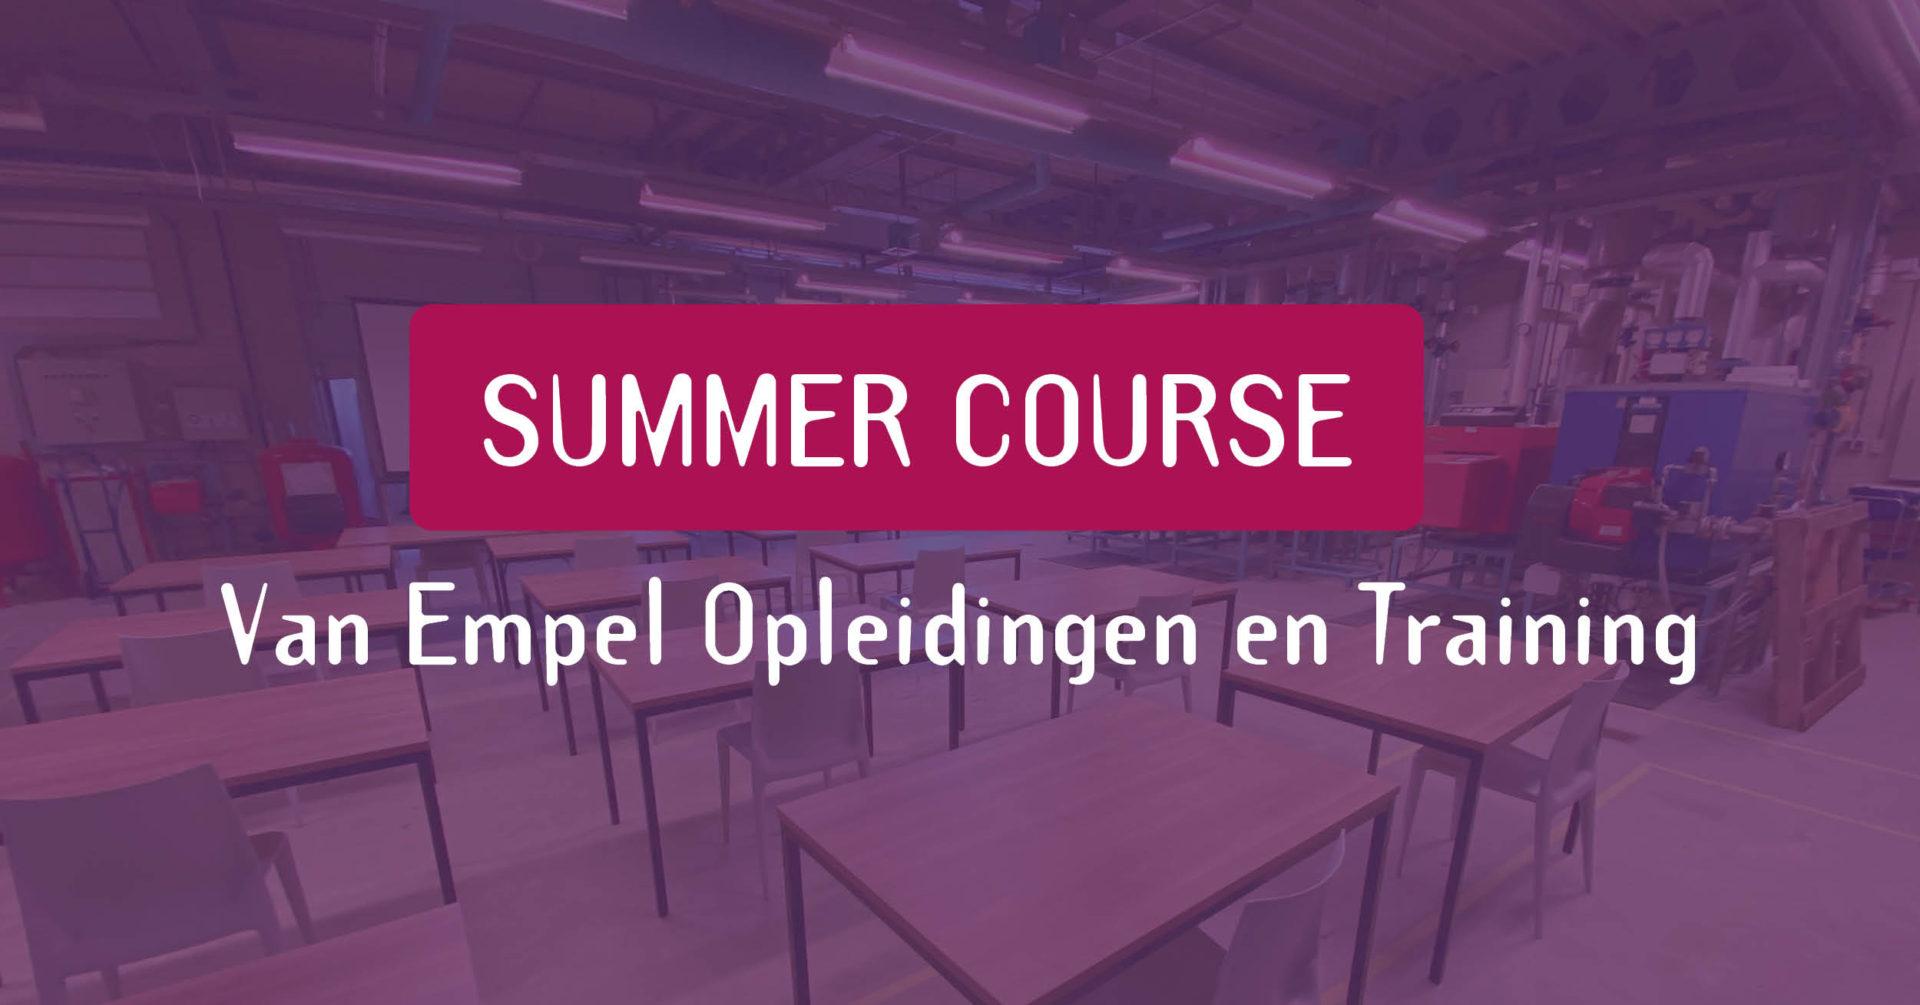 Volg een Summer Course bij Van Empel Opleidingen en Training!